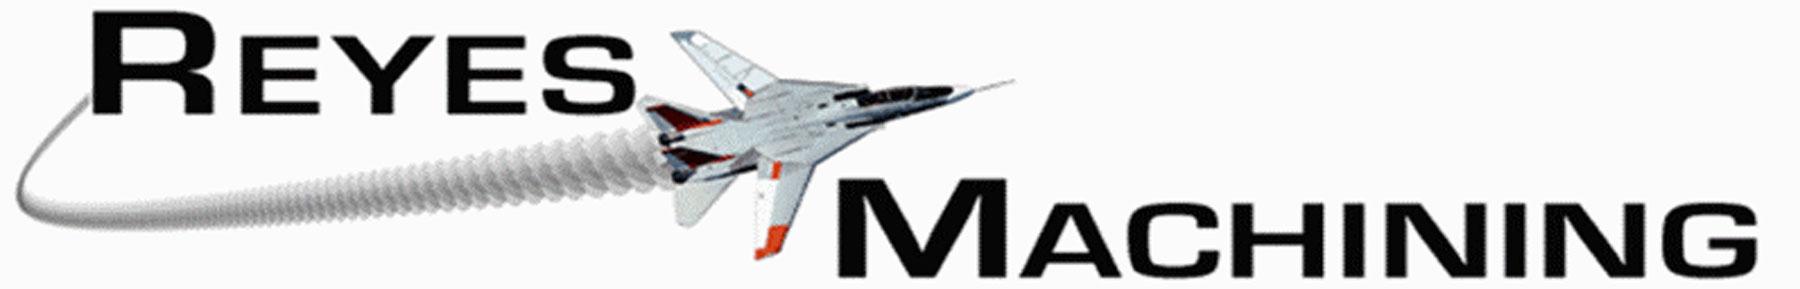 Made-in-California-manufacturer-Reyes-Machining-Logo-screen-capture.jpg